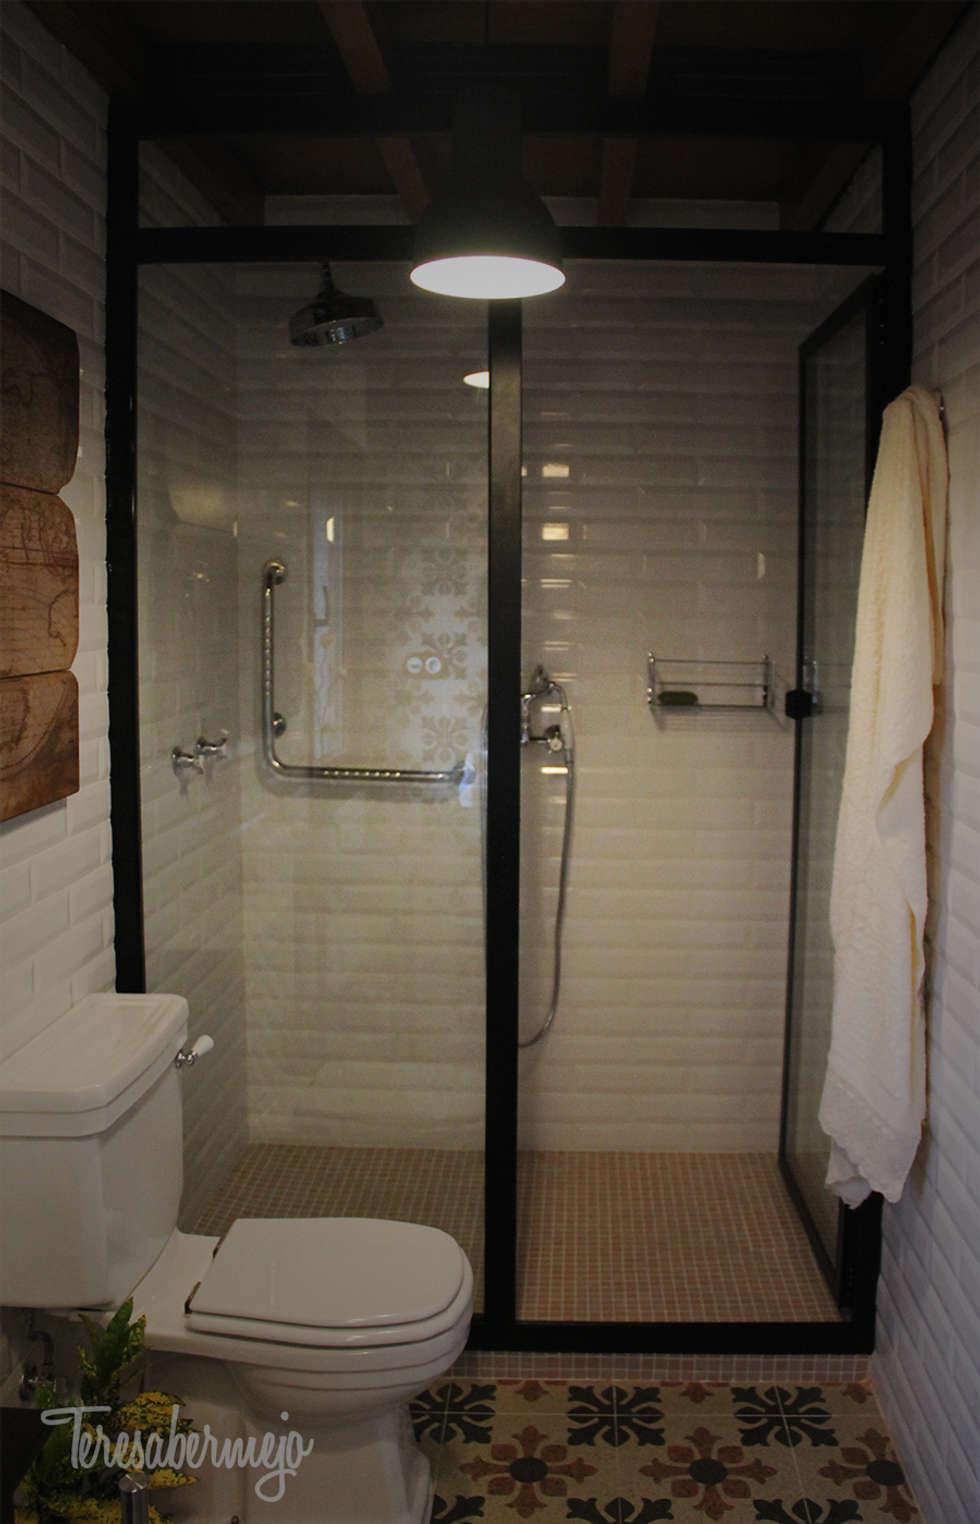 Fotos de decora o design de interiores e reformas homify - Disenadora de interiores ...